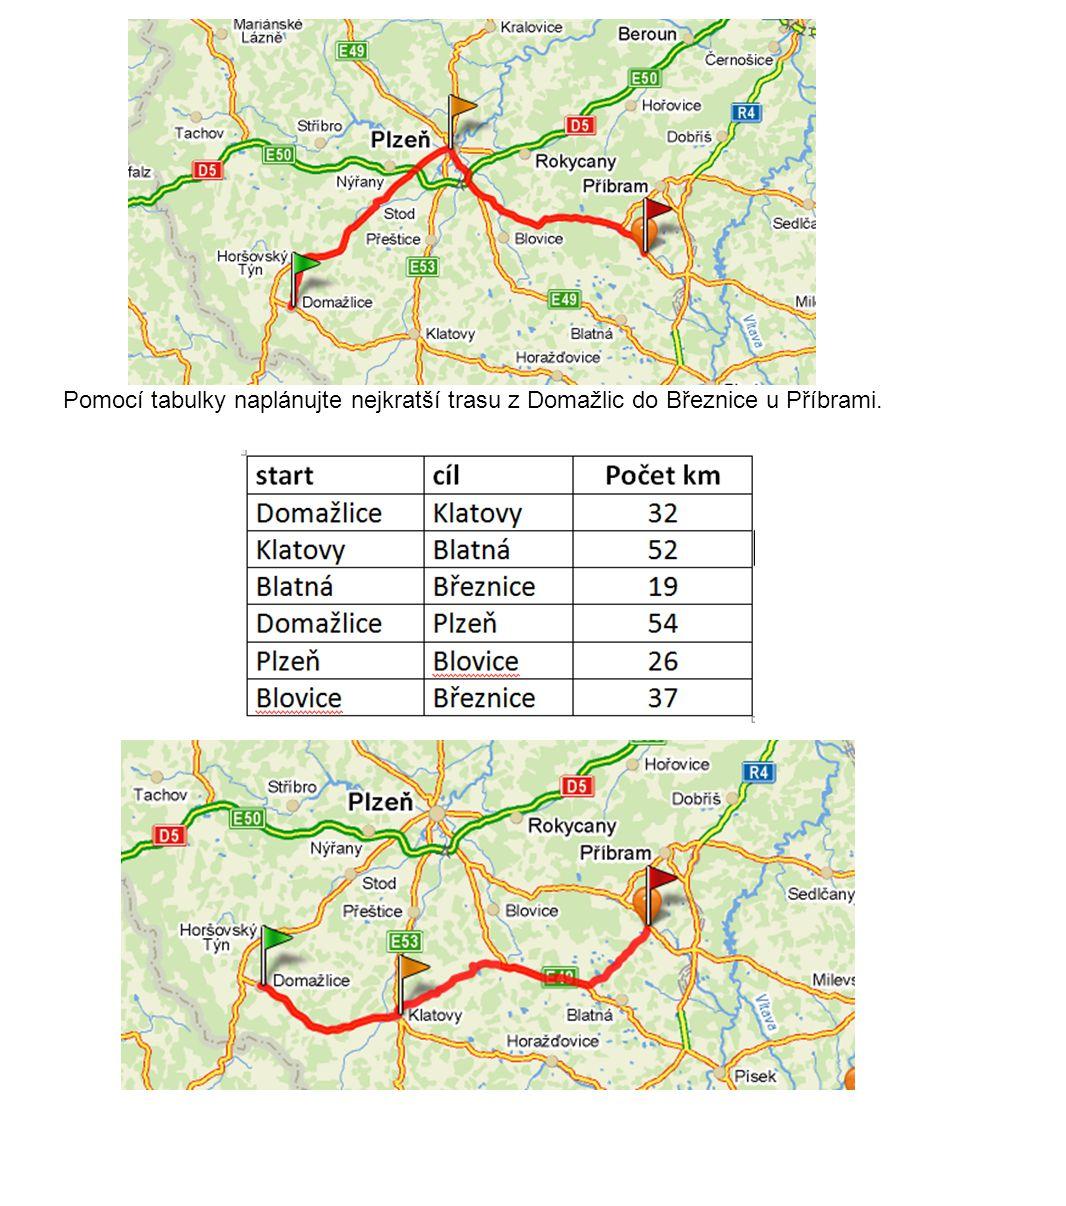 Pomocí tabulky naplánujte nejkratší trasu z Domažlic do Březnice u Příbrami.